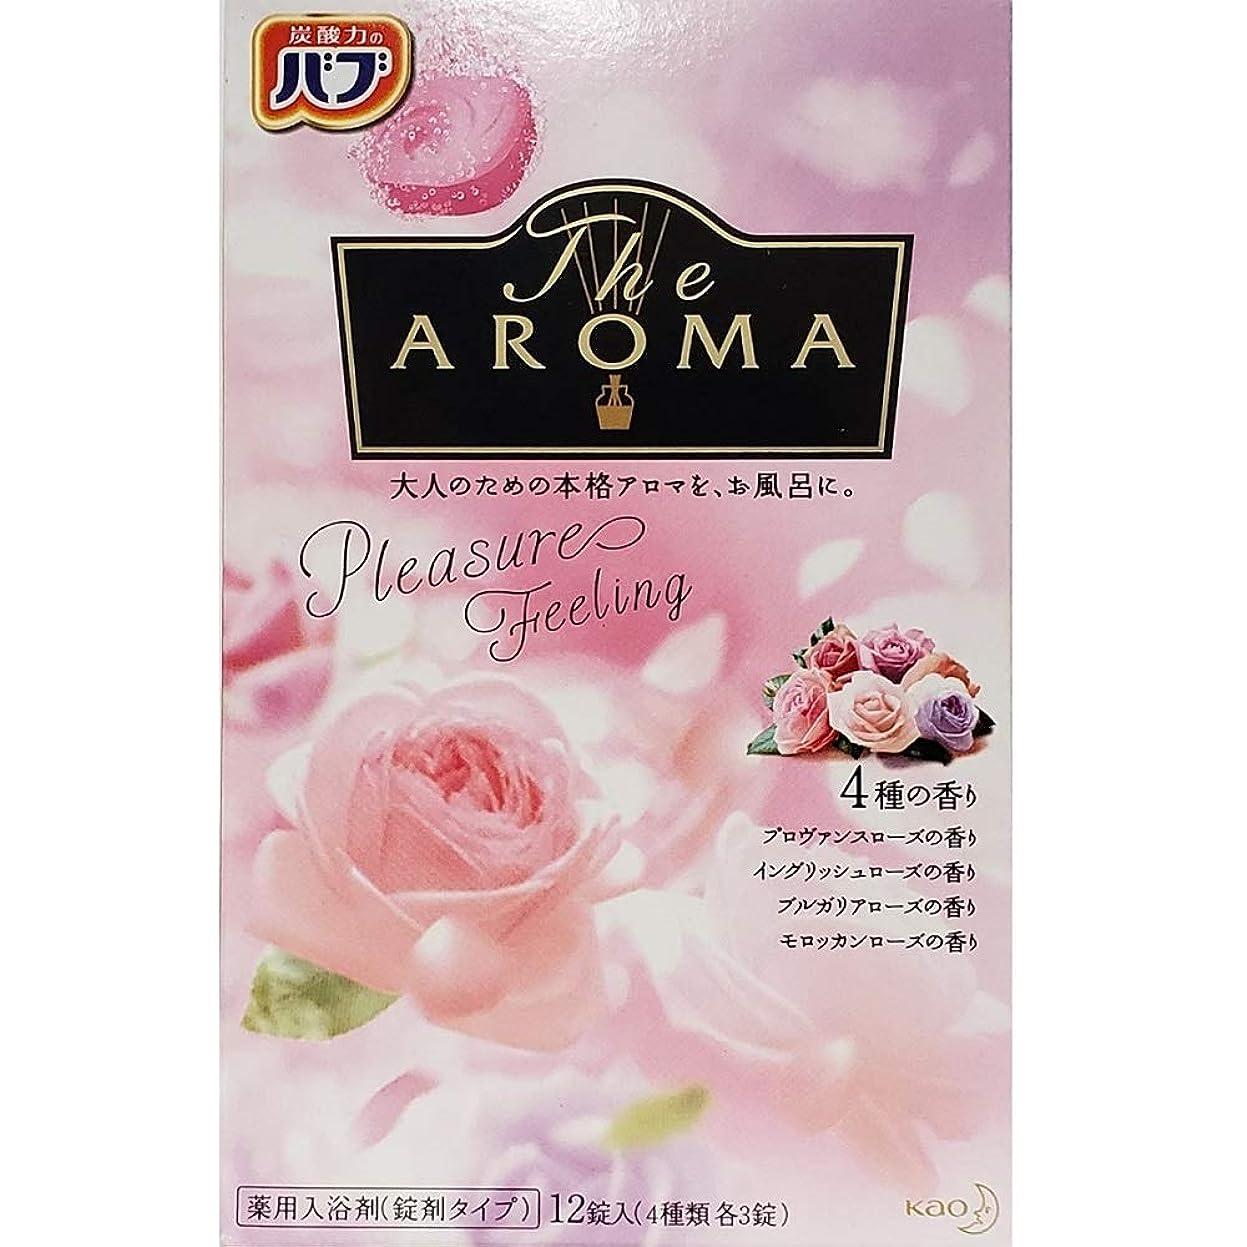 ゲートウェイひばり近所のバブ The Aroma Pleasure Feeling 40g×12錠(4種類 各3錠) 医薬部外品